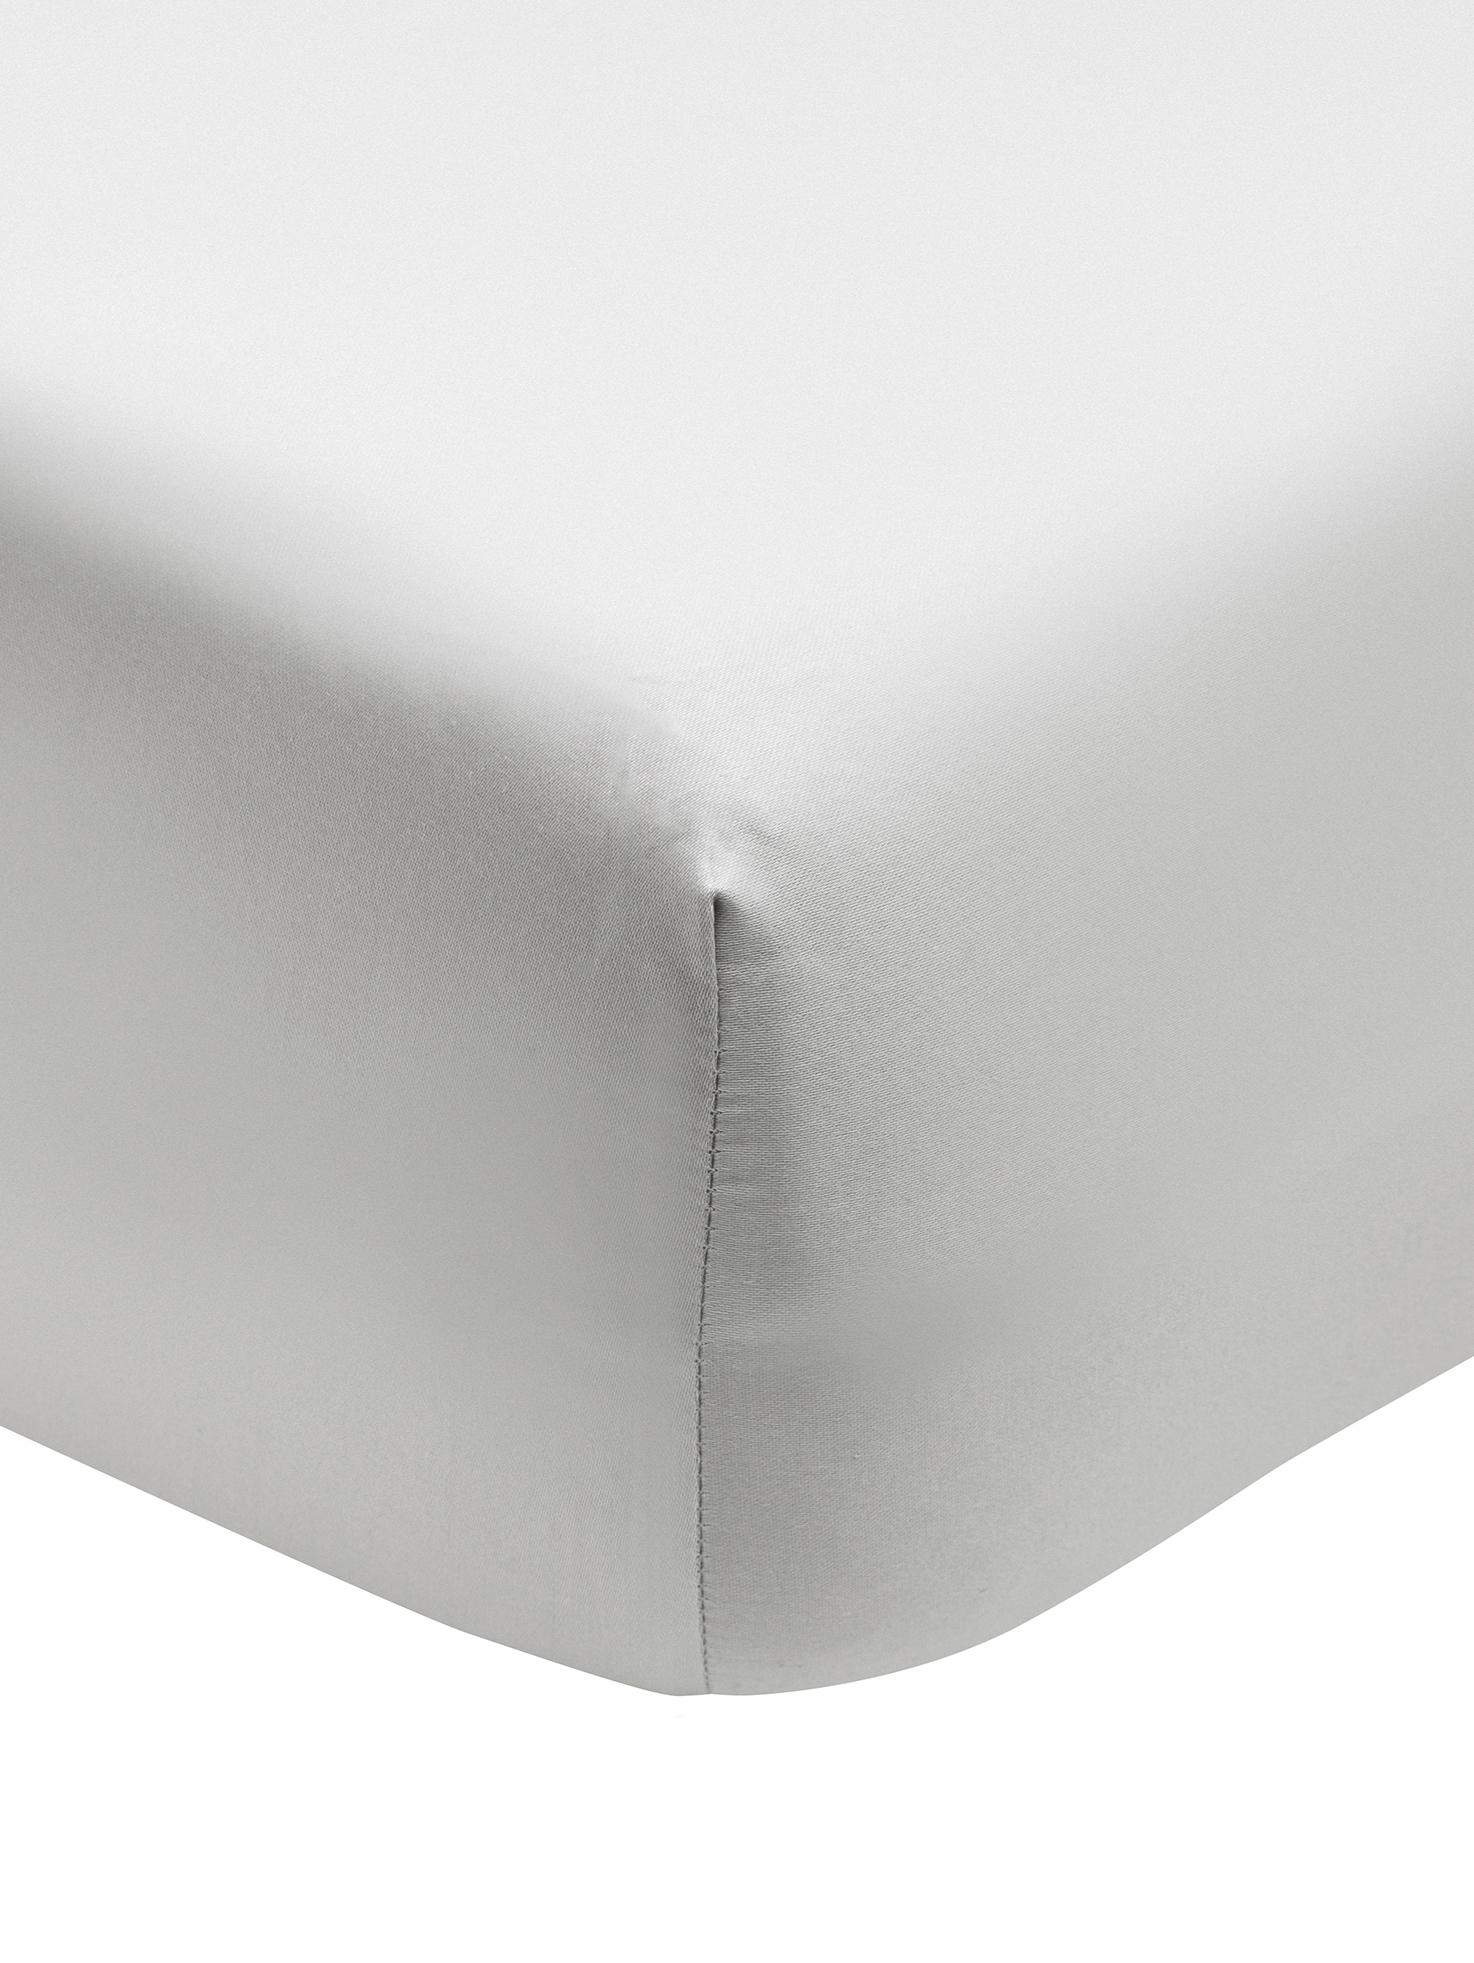 Spannbettlaken Premium in Hellgrau, Baumwollsatin, Webart: Satin, leicht glänzend, Hellgrau, 90 x 200 cm